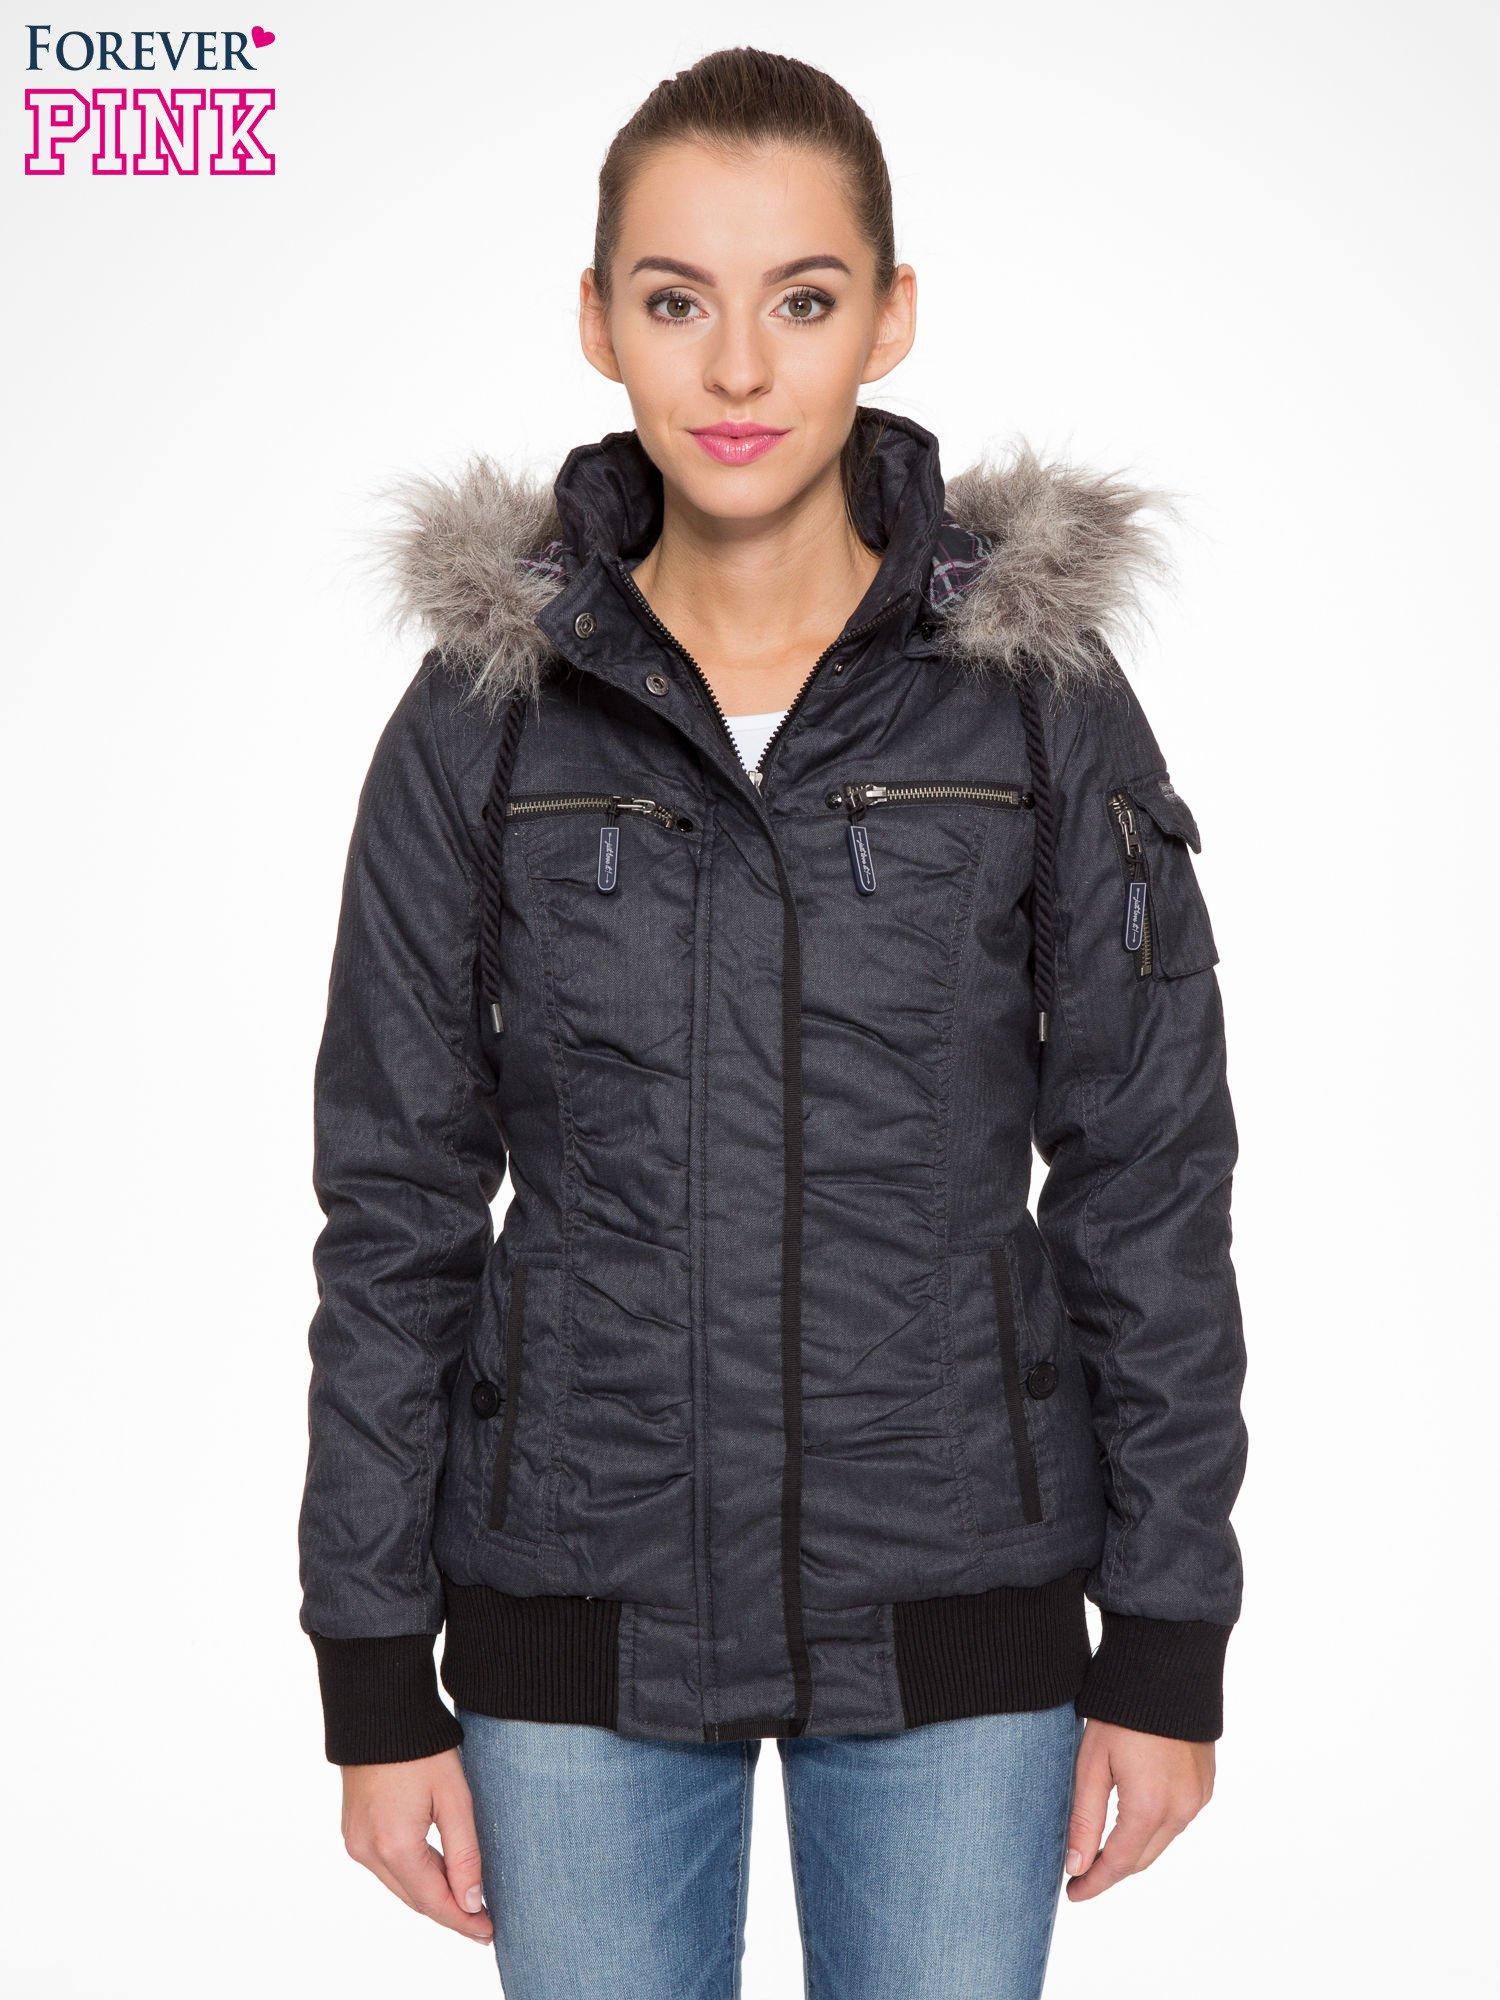 Ciepła kurtka zimowa z kapturem wykończonym futerkiem                                  zdj.                                  1